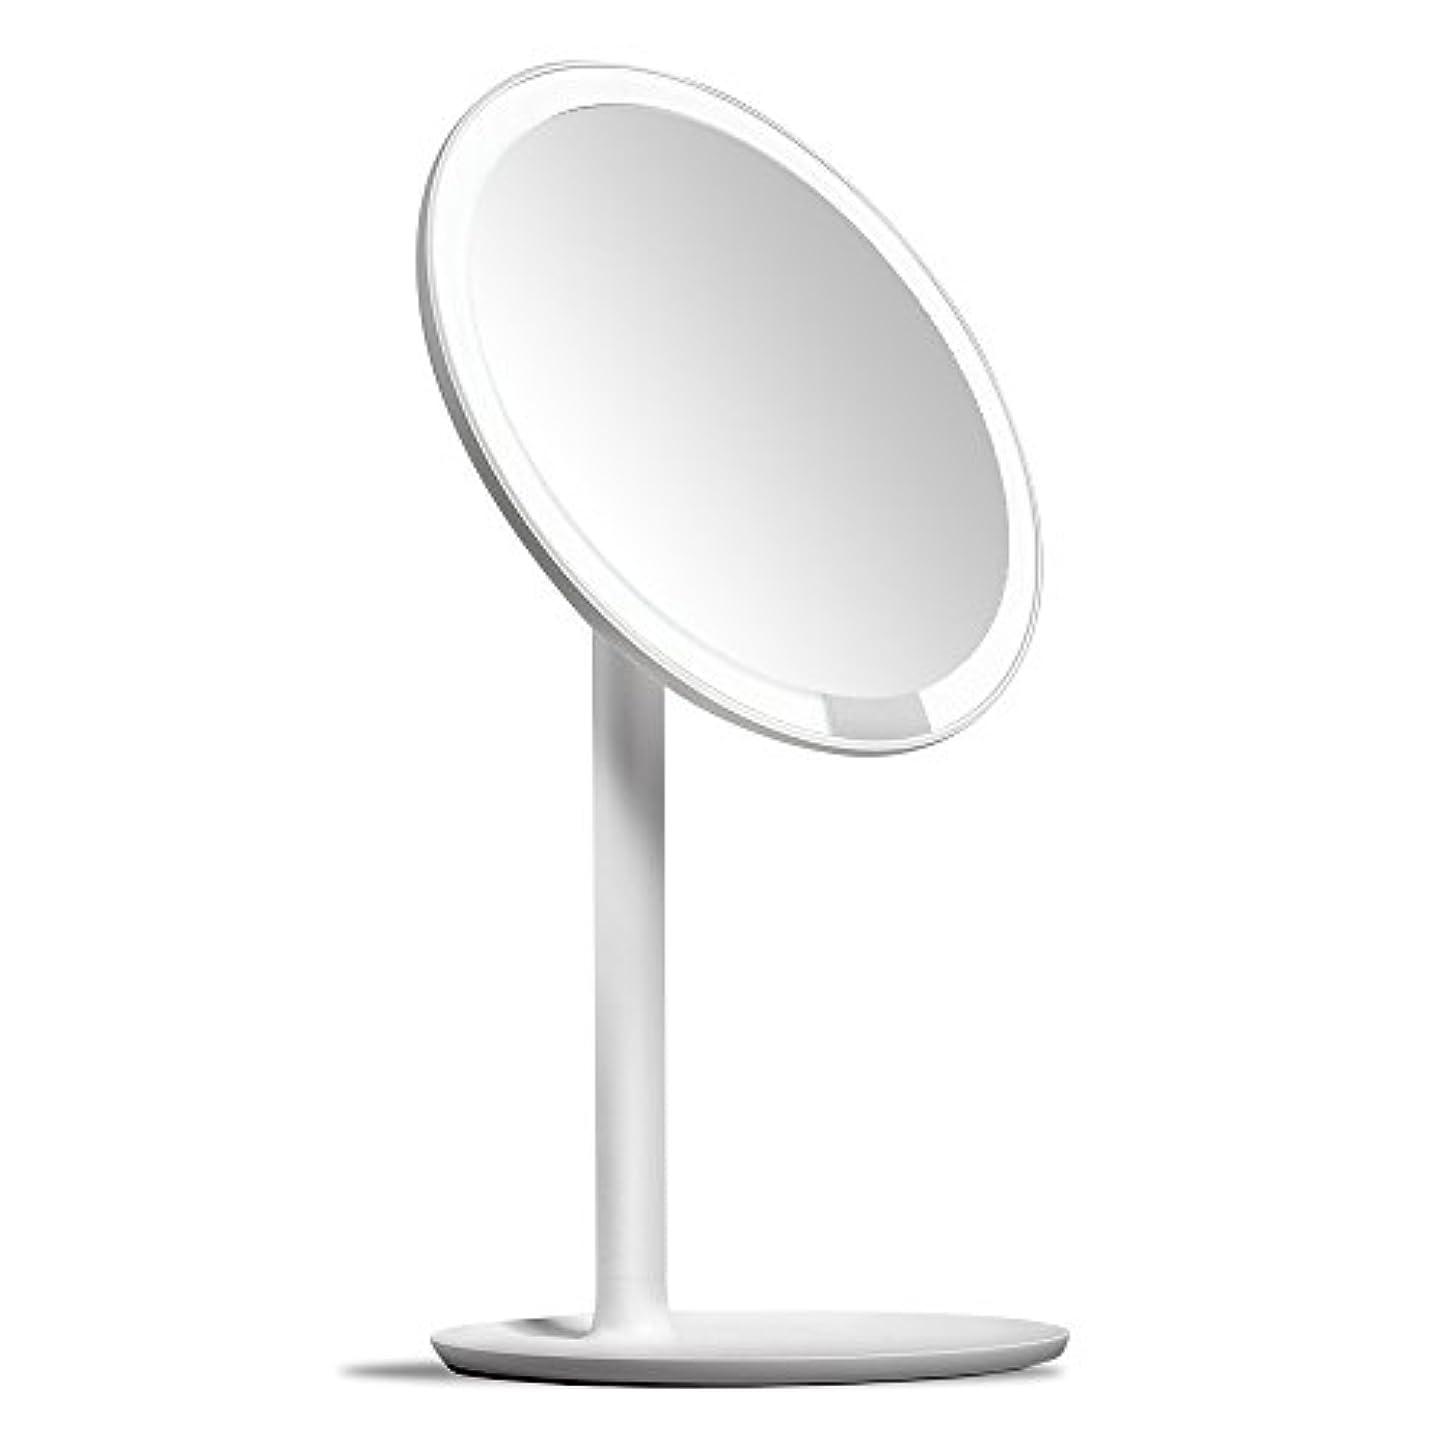 隣人不実修羅場AMIRO 化粧鏡 化粧ミラー LEDライト付き 卓上鏡 女優ミラー 3段階明るさ調節可能 コードレス 充電式